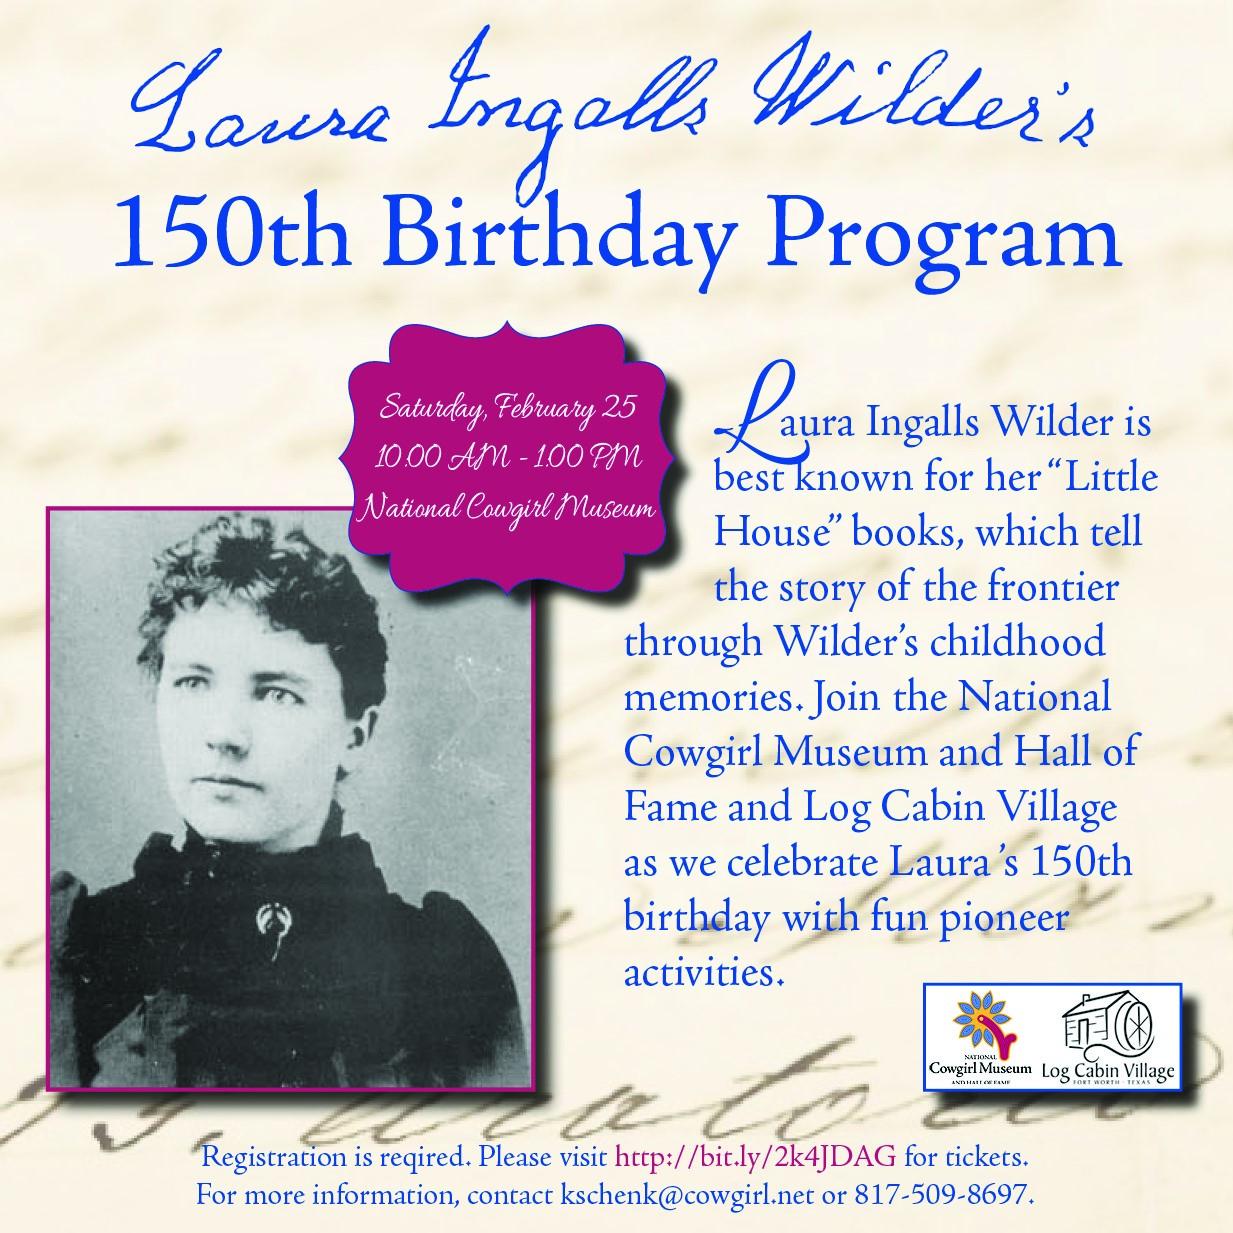 Laura Ingalls Wilder 150th Birthday